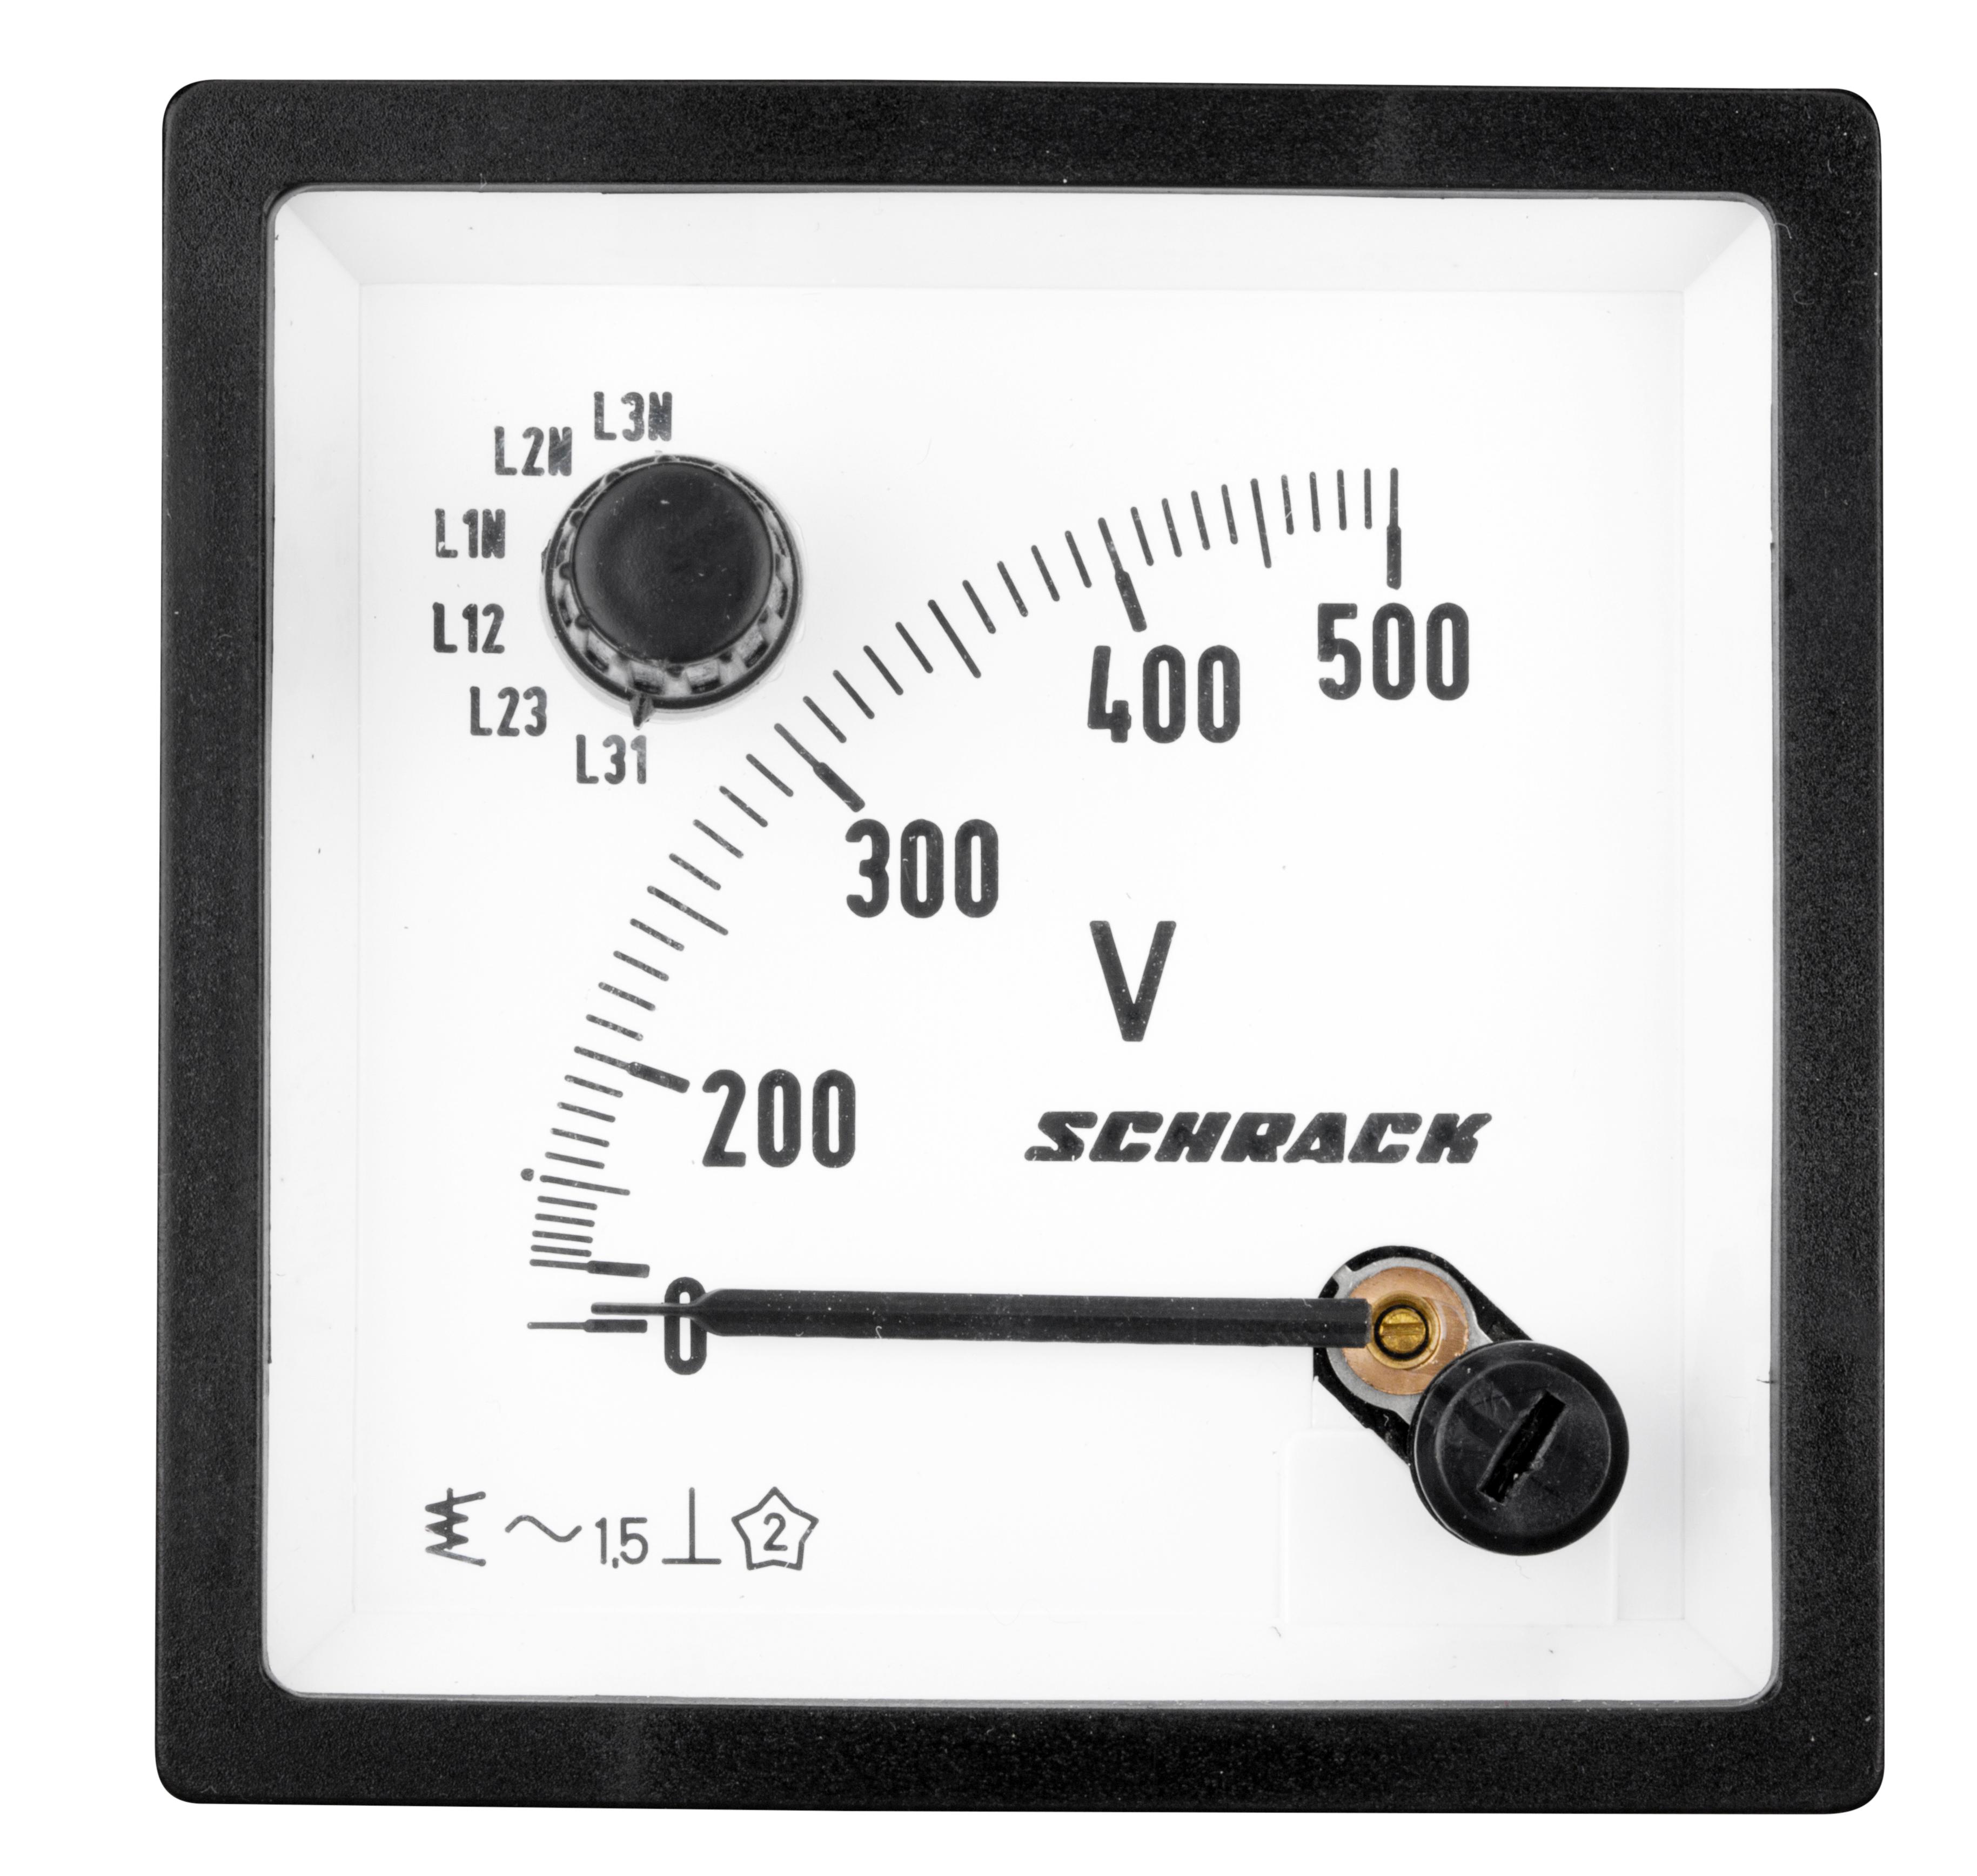 1 Stk Voltmeter mit integriertem Umschalter, 72x72mm, 500V AC MGF77500-A